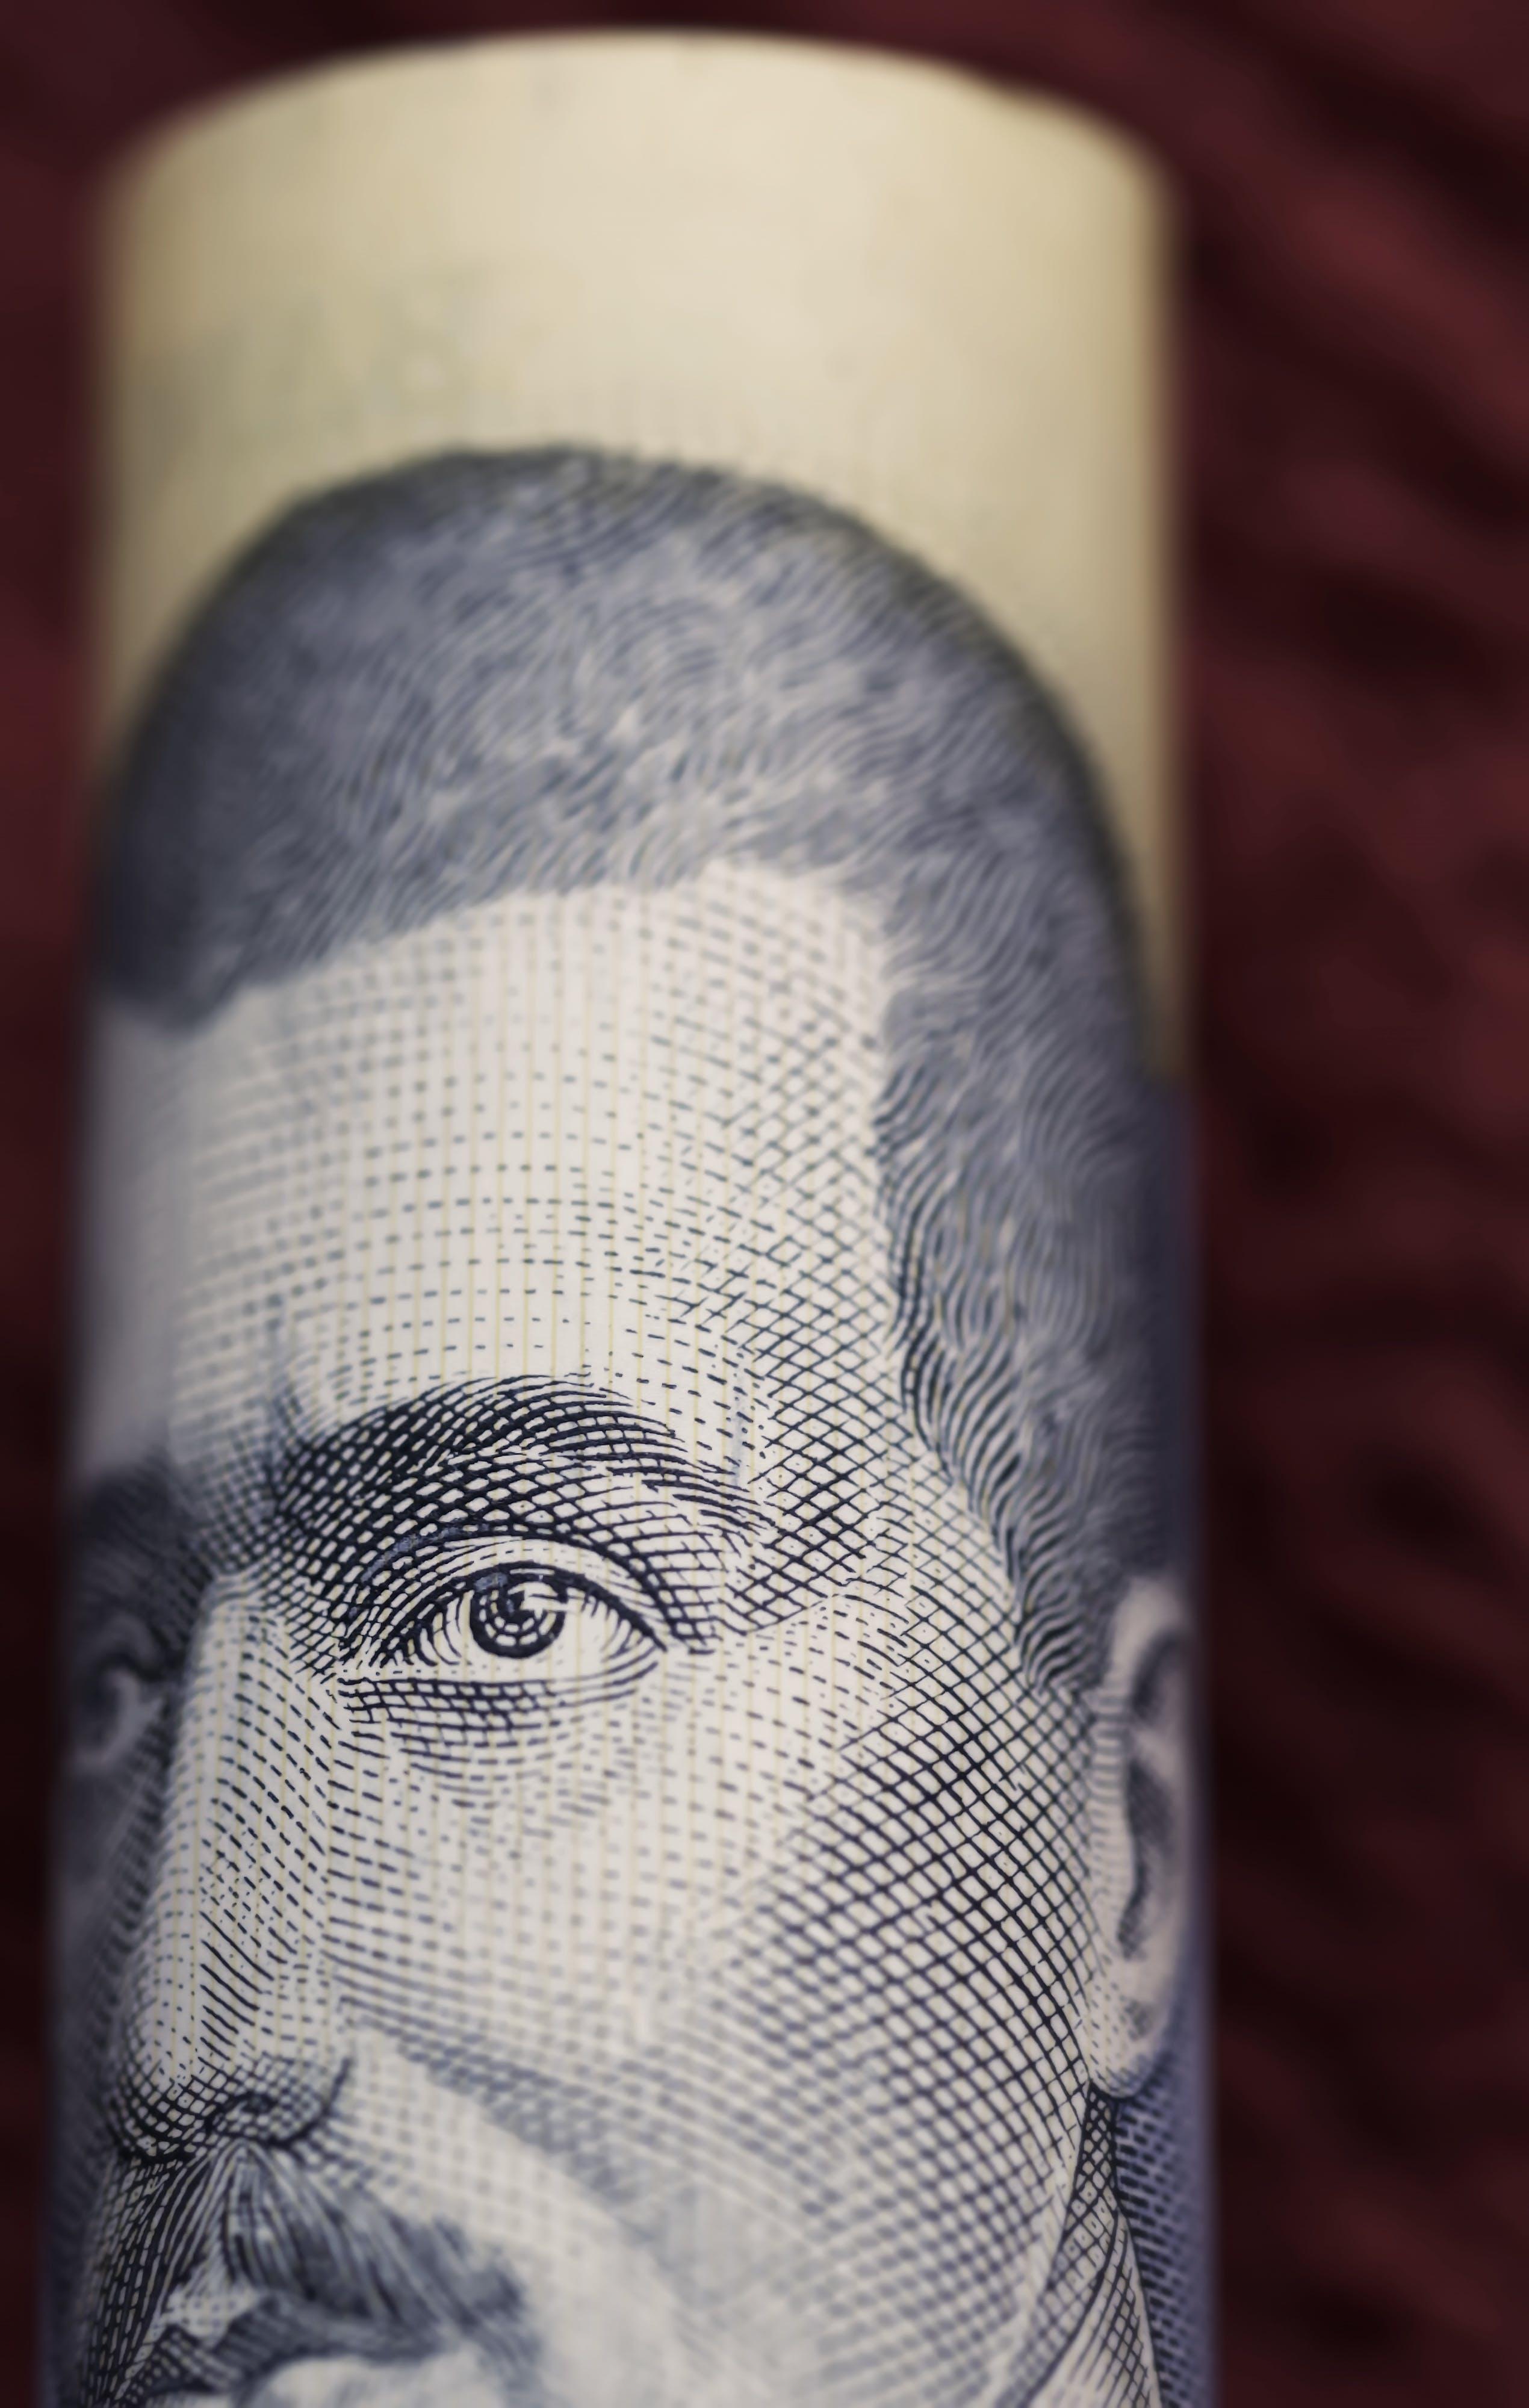 Δωρεάν στοκ φωτογραφιών με γκρο πλαν, μετρητά, χρήμα